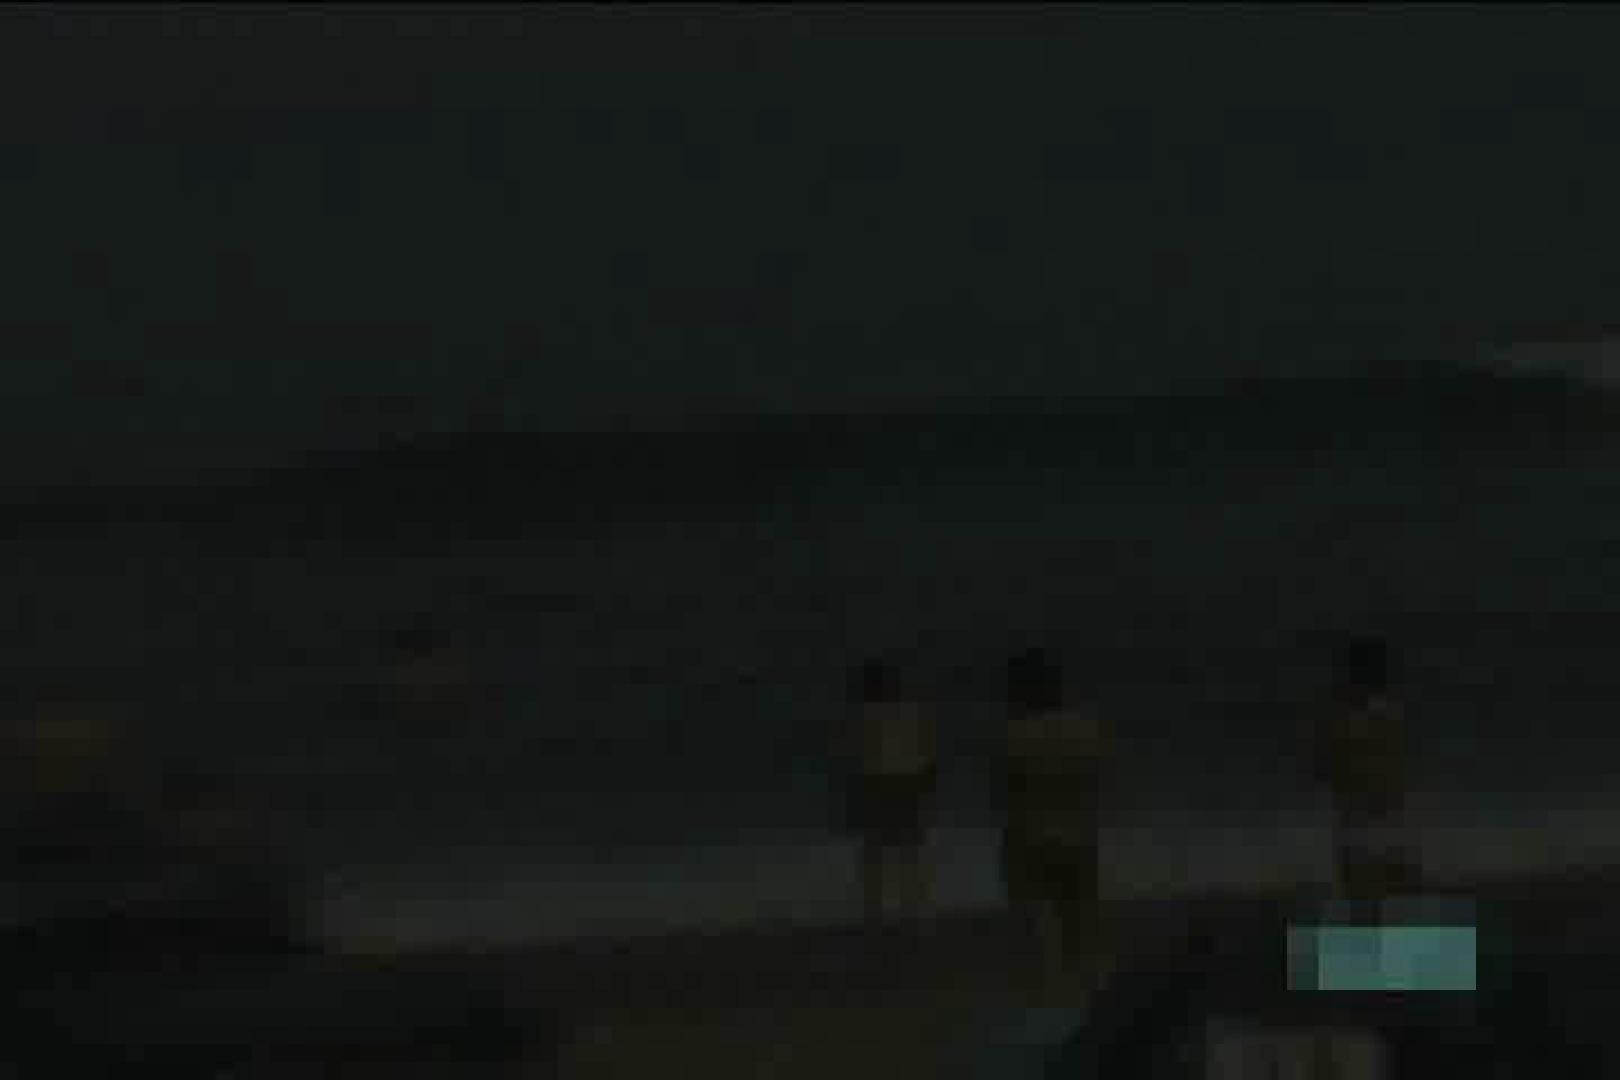 真夏のビーチは危険地帯Vol.3 ハプニング セックス無修正動画無料 79画像 4